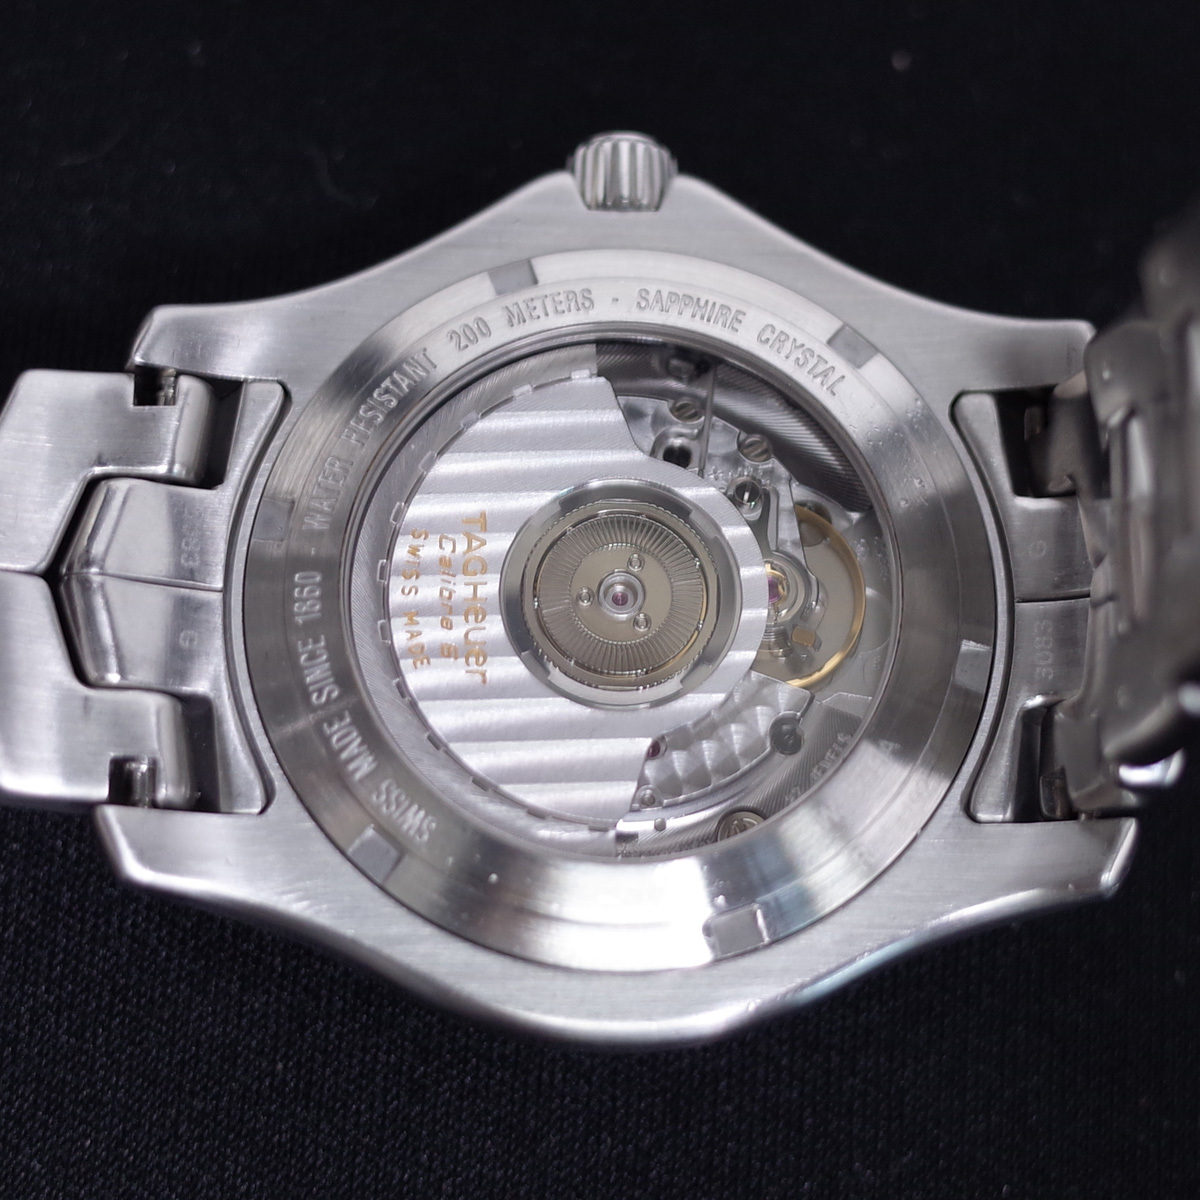 1年保証♪タグホイヤー【リンク】キャリバー6 WJF211A 自動巻 黒文字盤 ブラック ブレスレット 箱 メンズ 腕時計 TAG HEUER_画像6